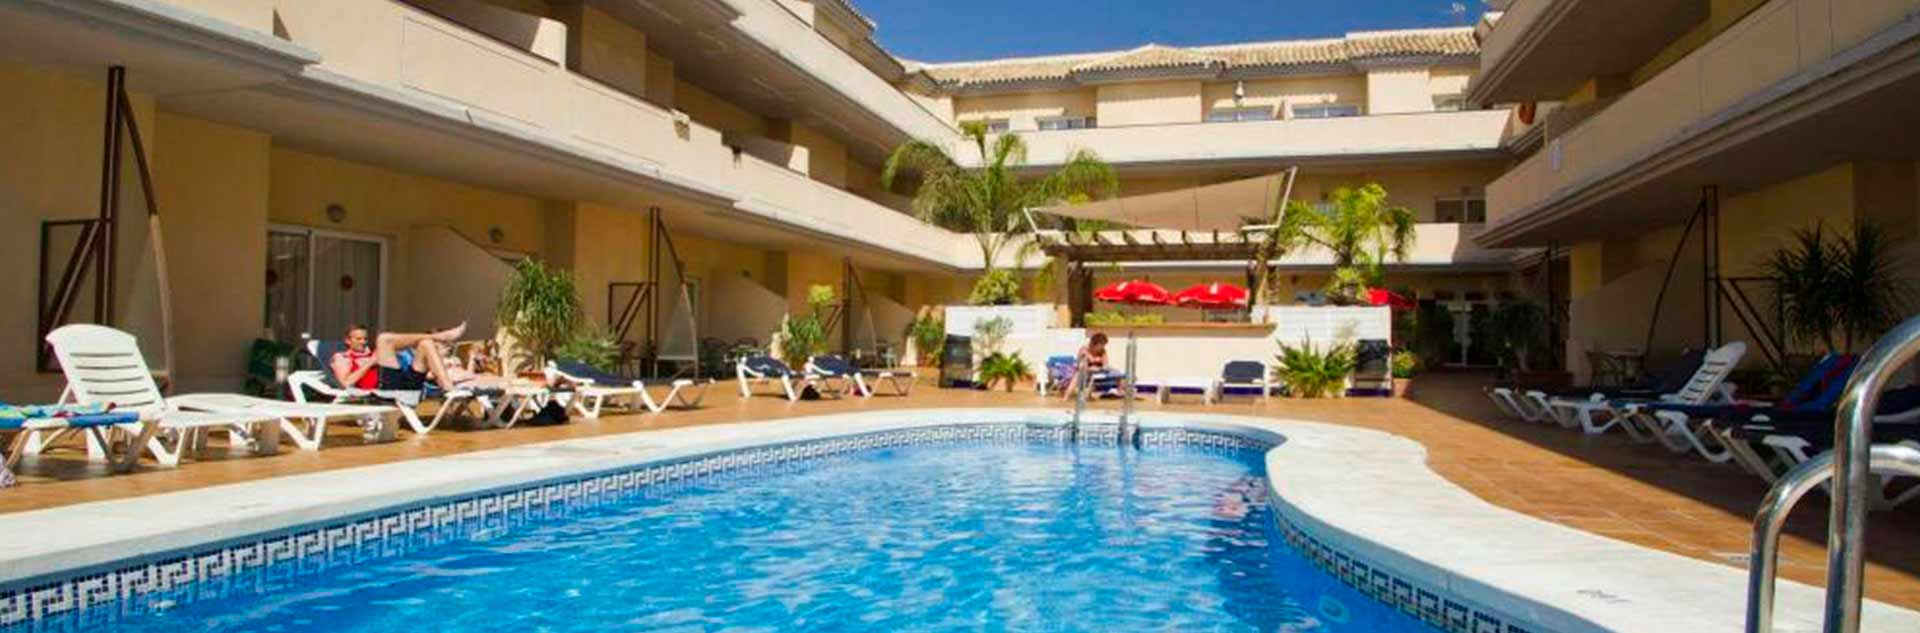 Oferta de sólo alojamiento en los apartamentos Hotel Vista de Rey en Benalmádena